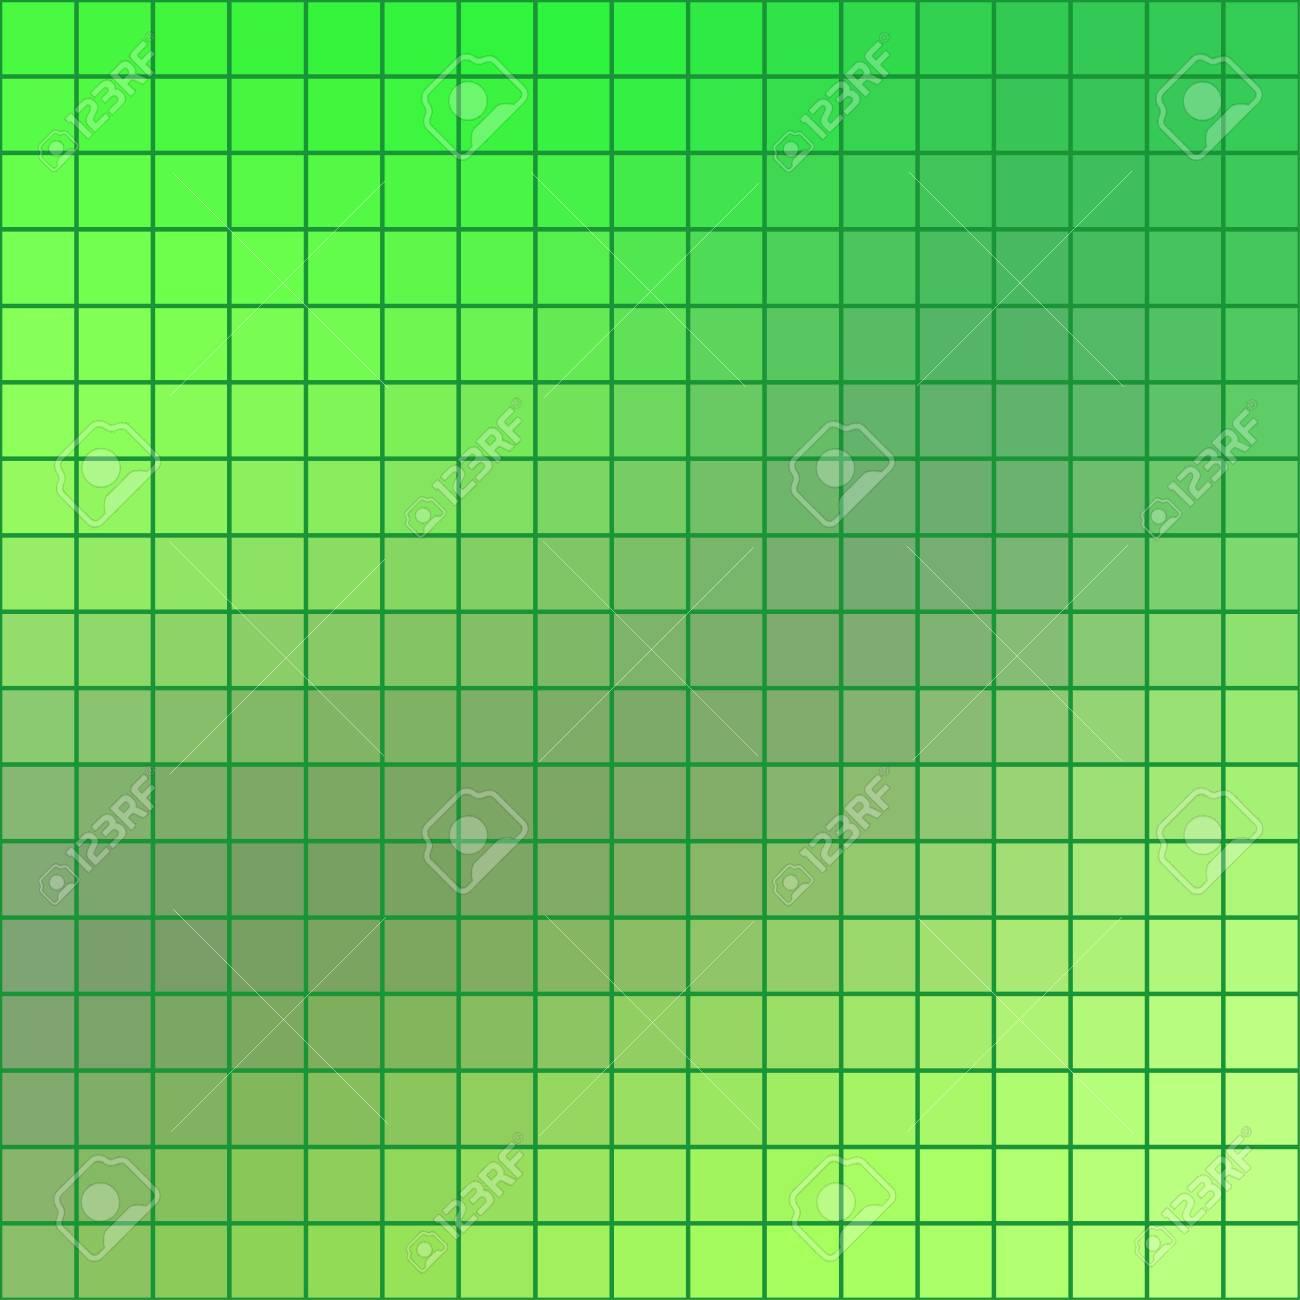 Resuma El Fondo Cuadrado Coloreado Verde Del Azulejo De Mosaico Para ...